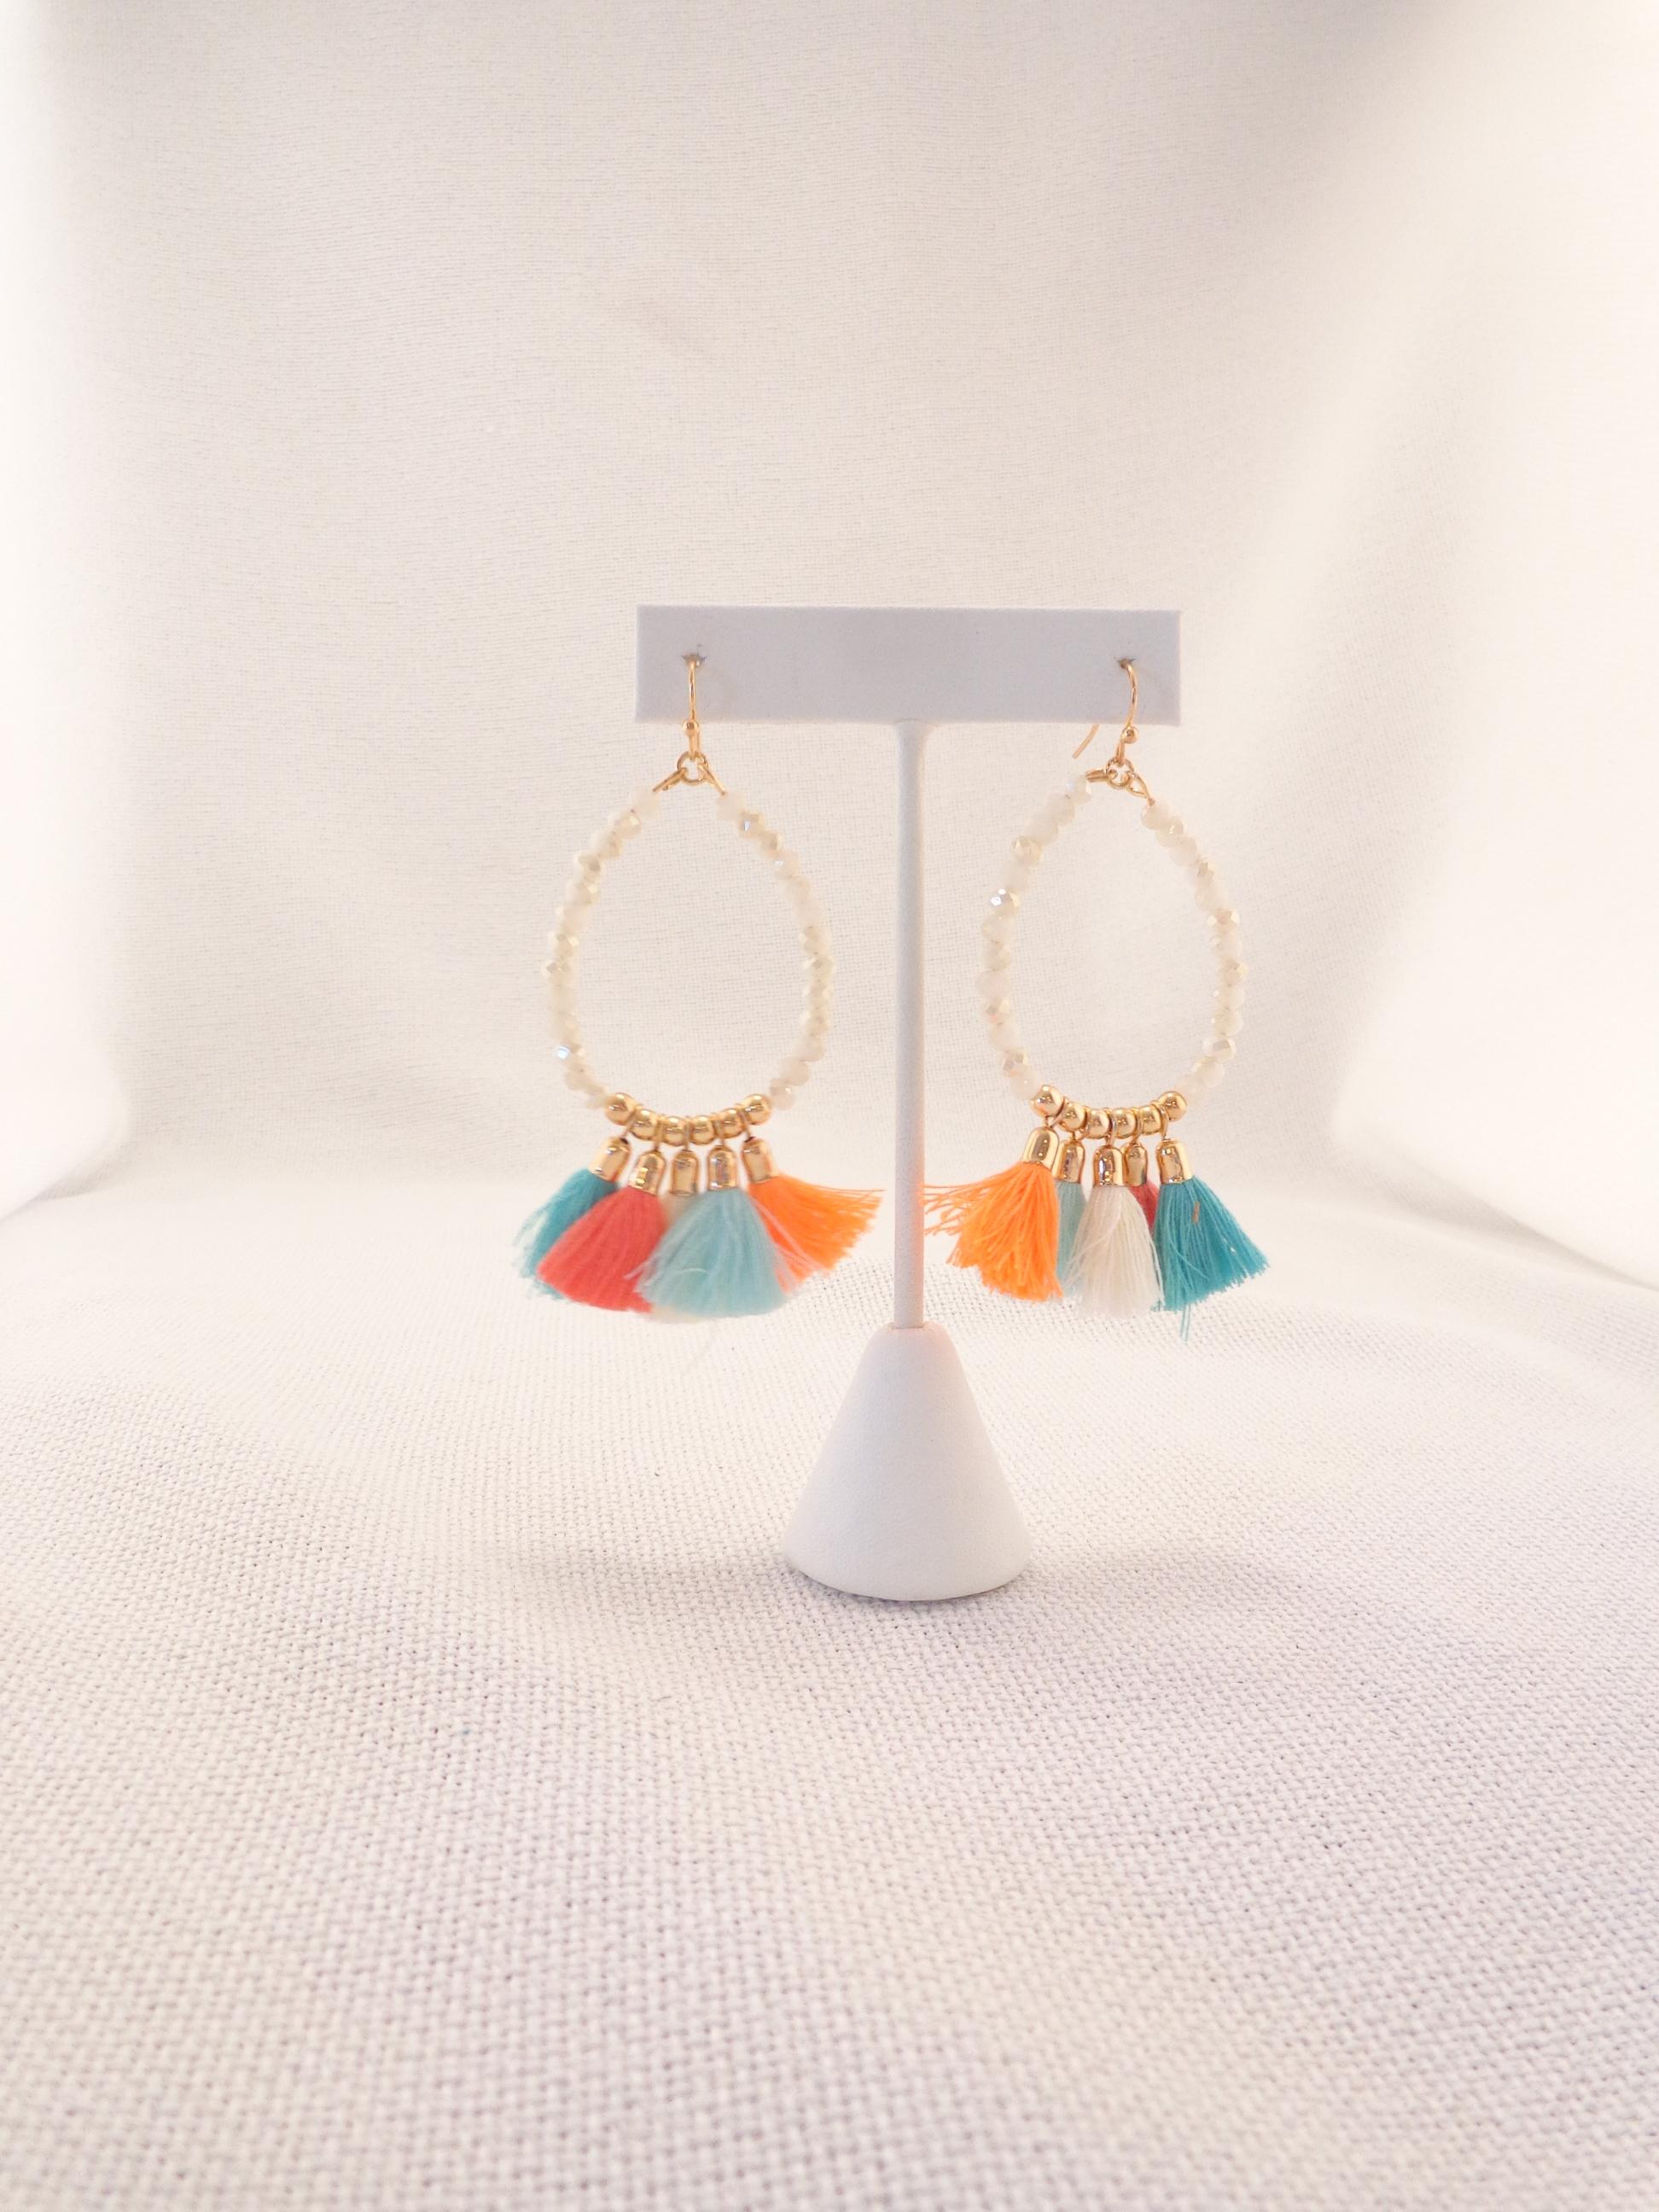 50247bdc885bdd Glass Bead Tassel Earrings - Orange/Teal | Lydia Lister Jewelry